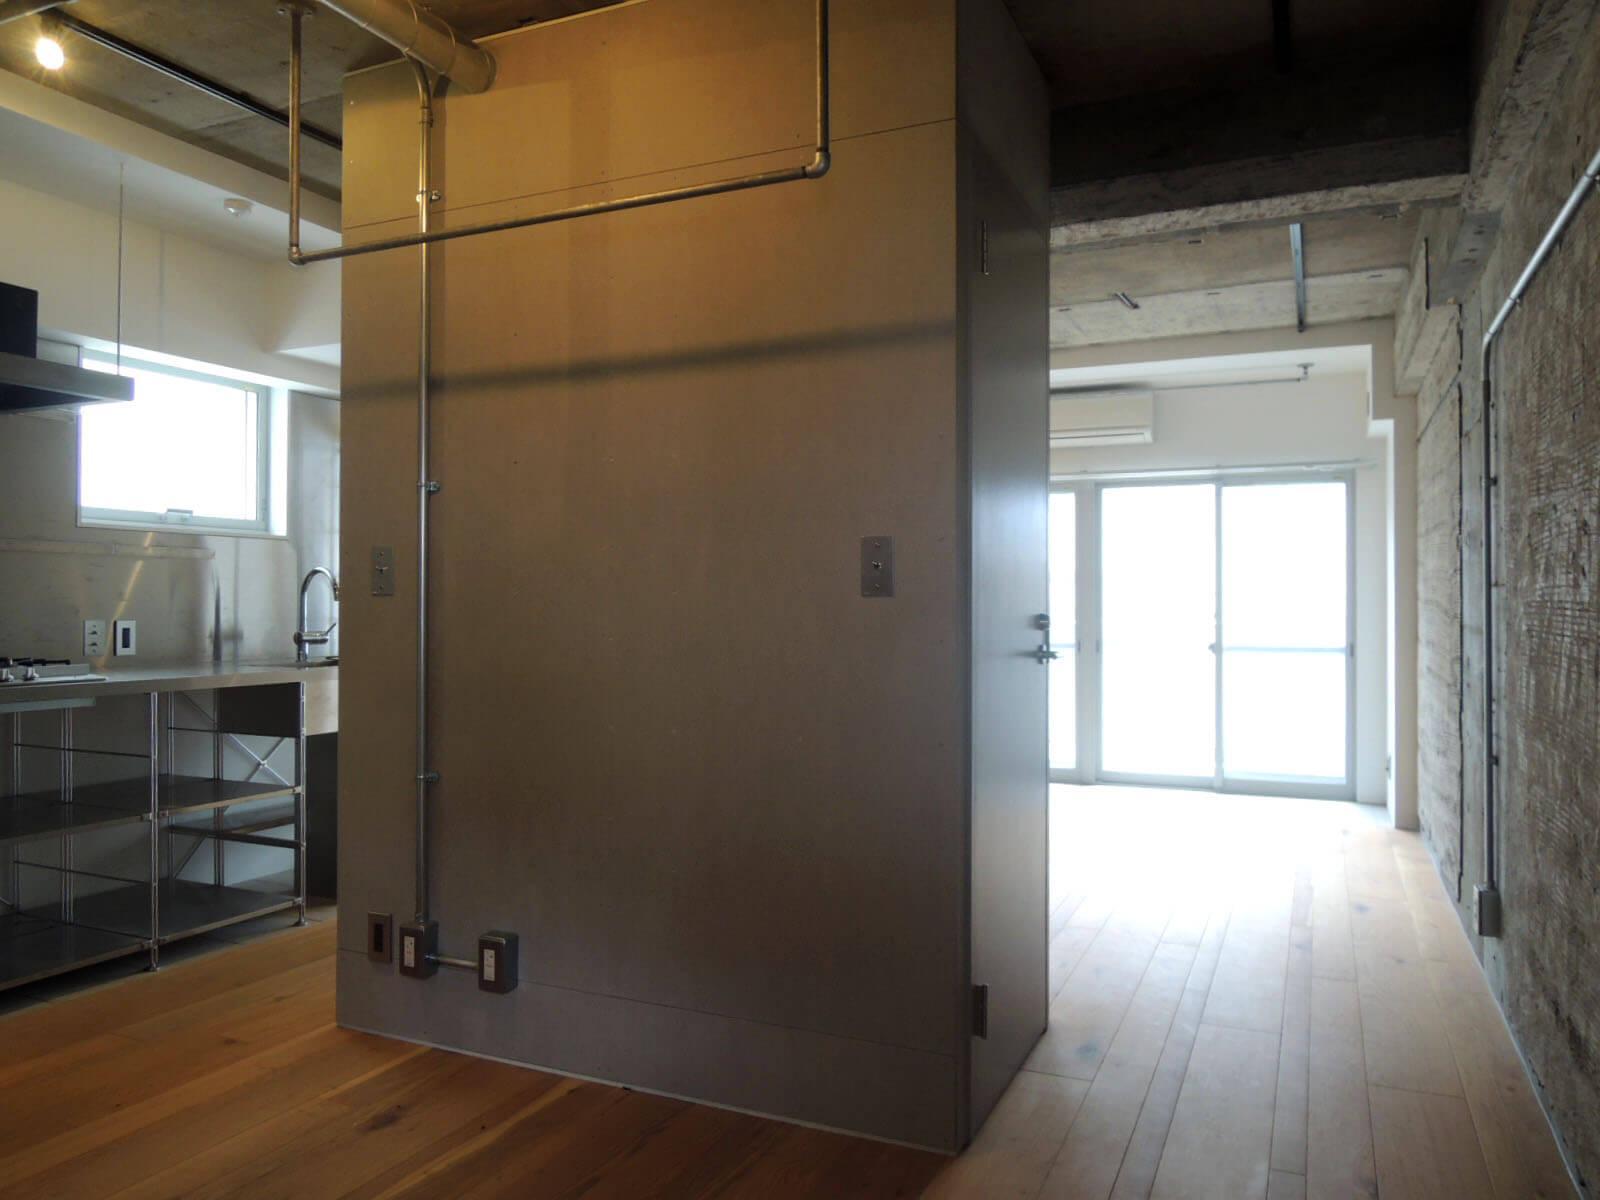 【家】トイレのまわりを回遊できる部屋、天井のバーを使ってクローゼットにすることも